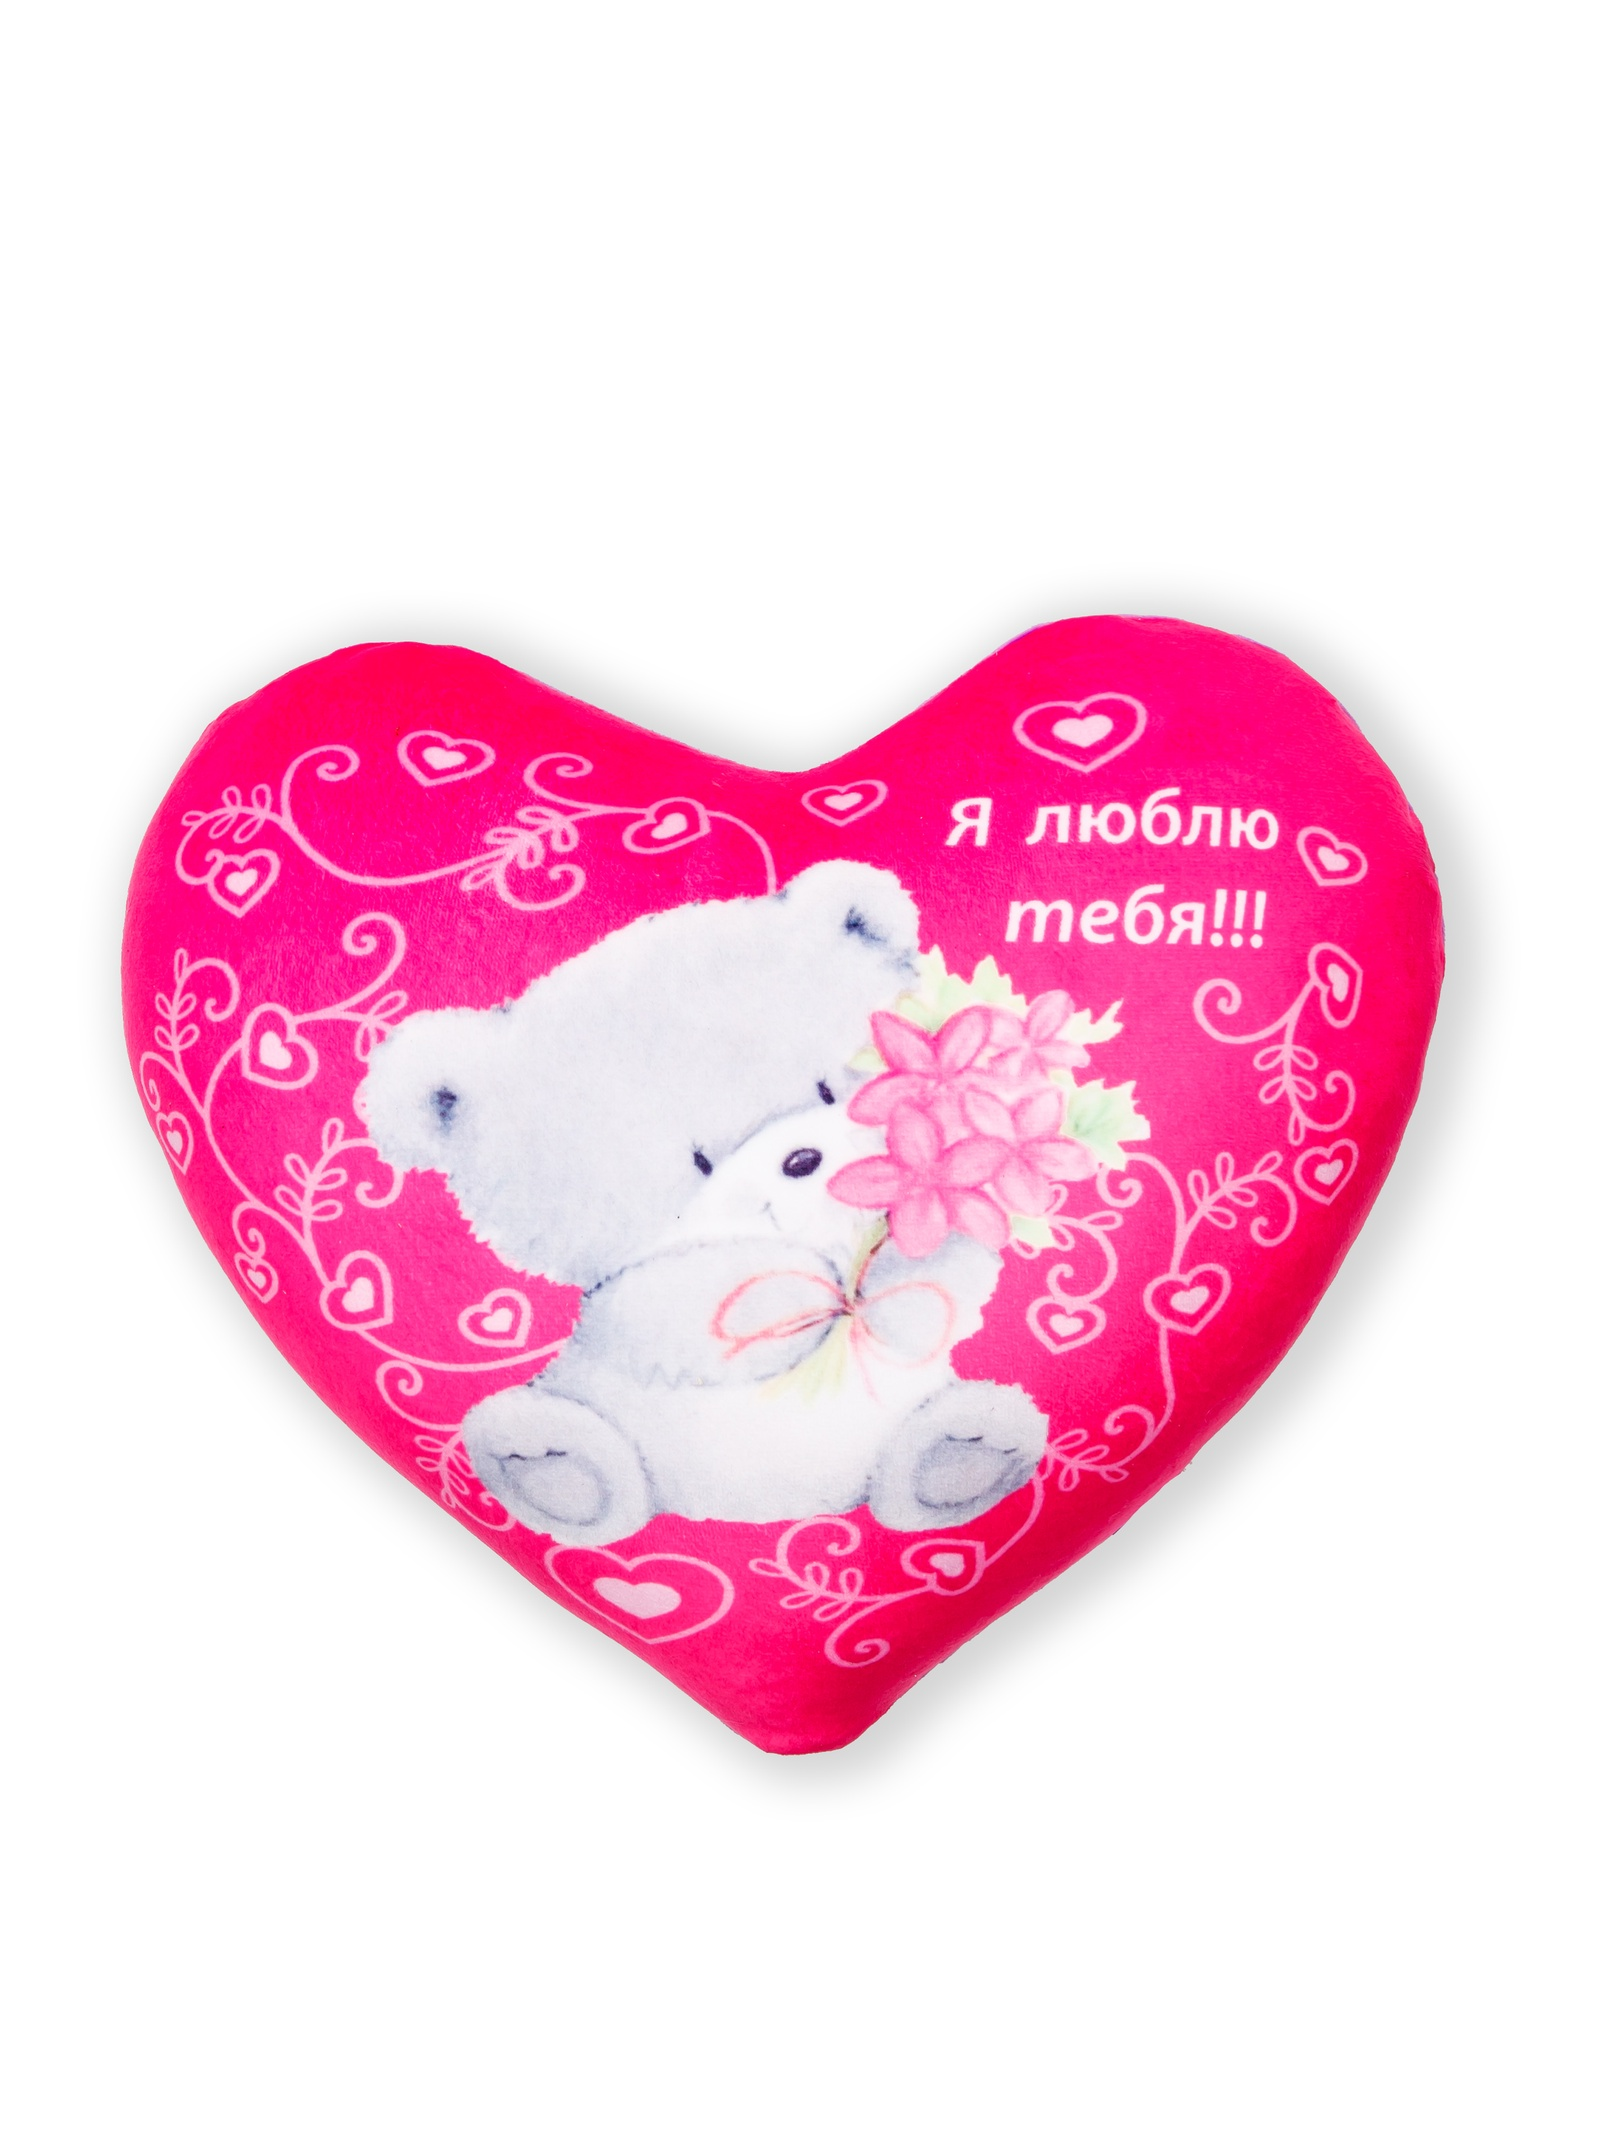 Мягкая игрушка СмолТойс Подушка игрушка сердце антисресс в 30, 4126-1/РЗ/30 красный